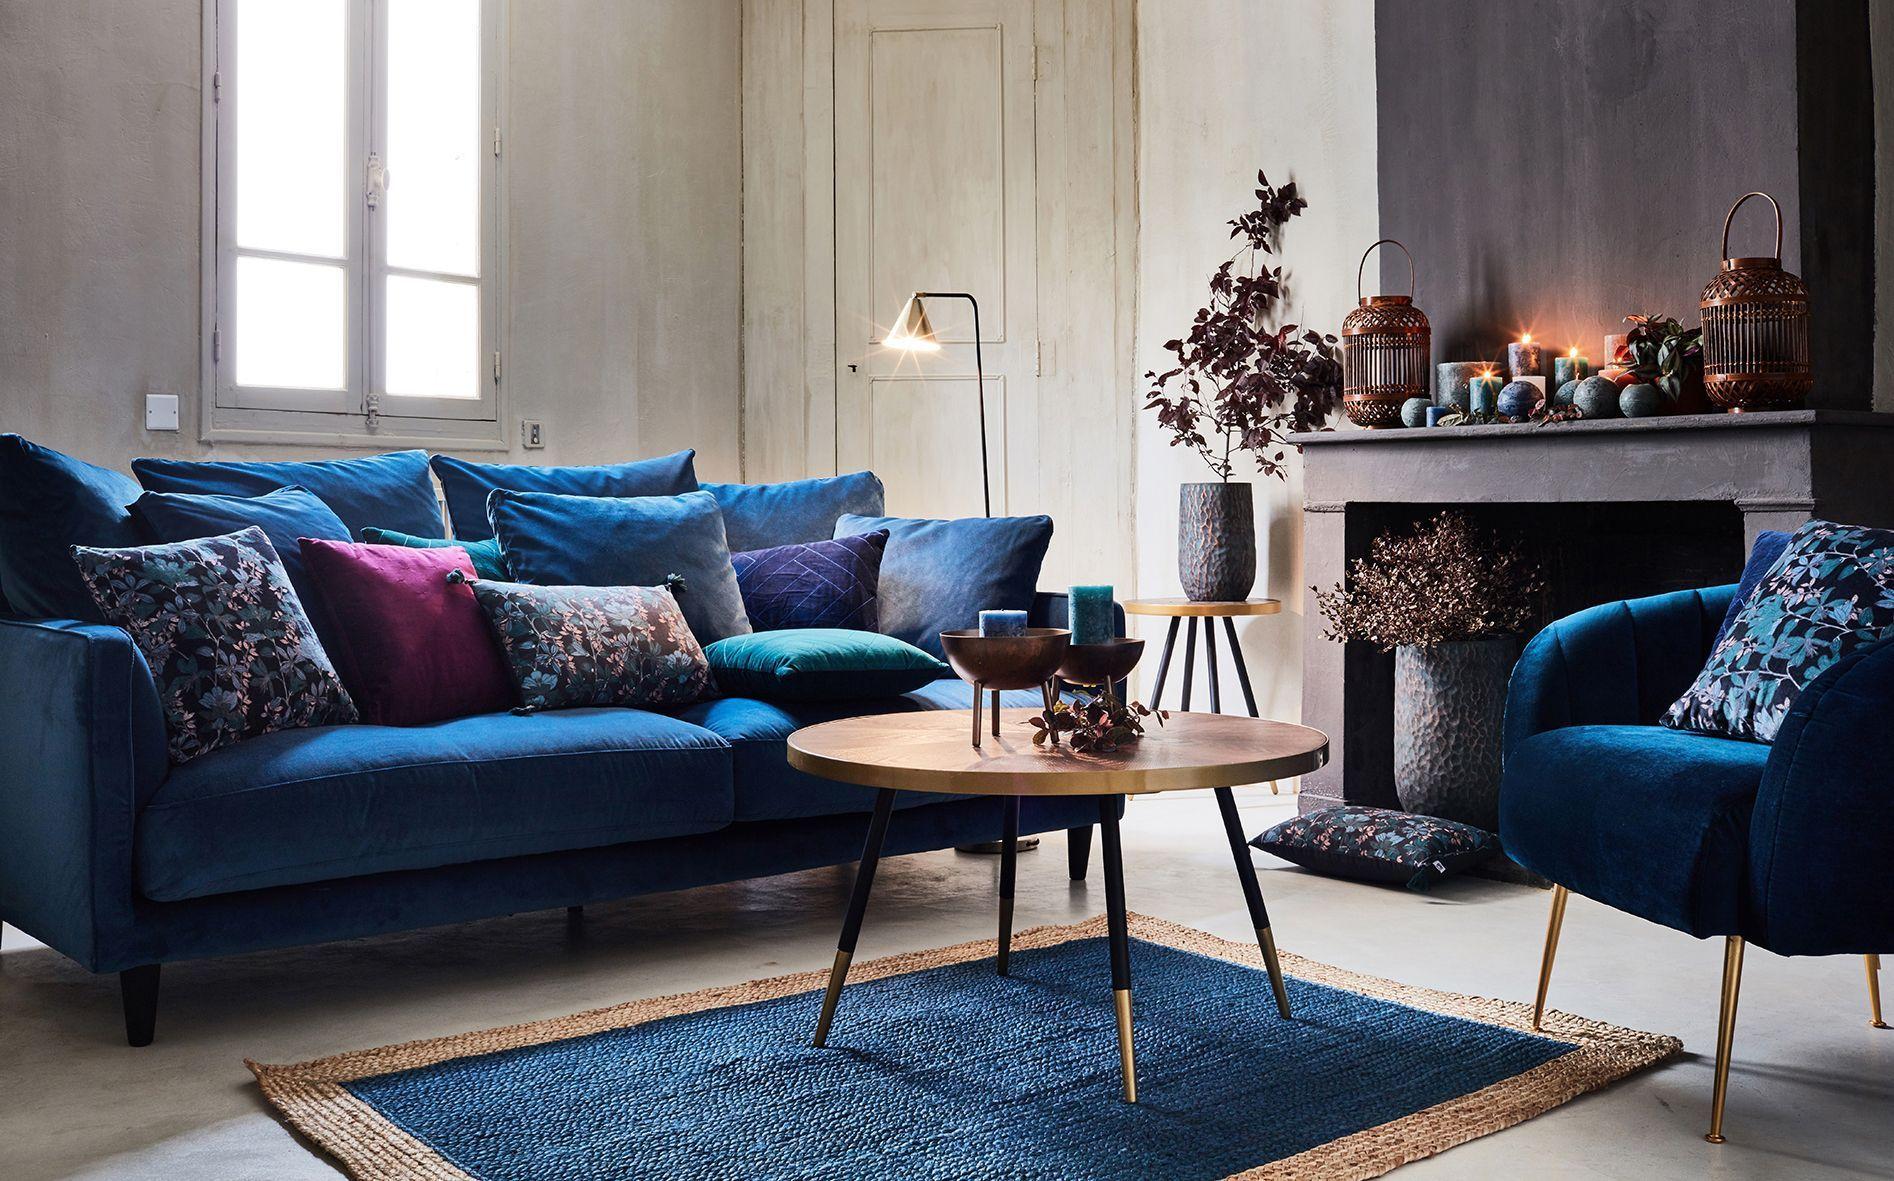 alinea : collection automne hiver 20  Canapé velours bleu